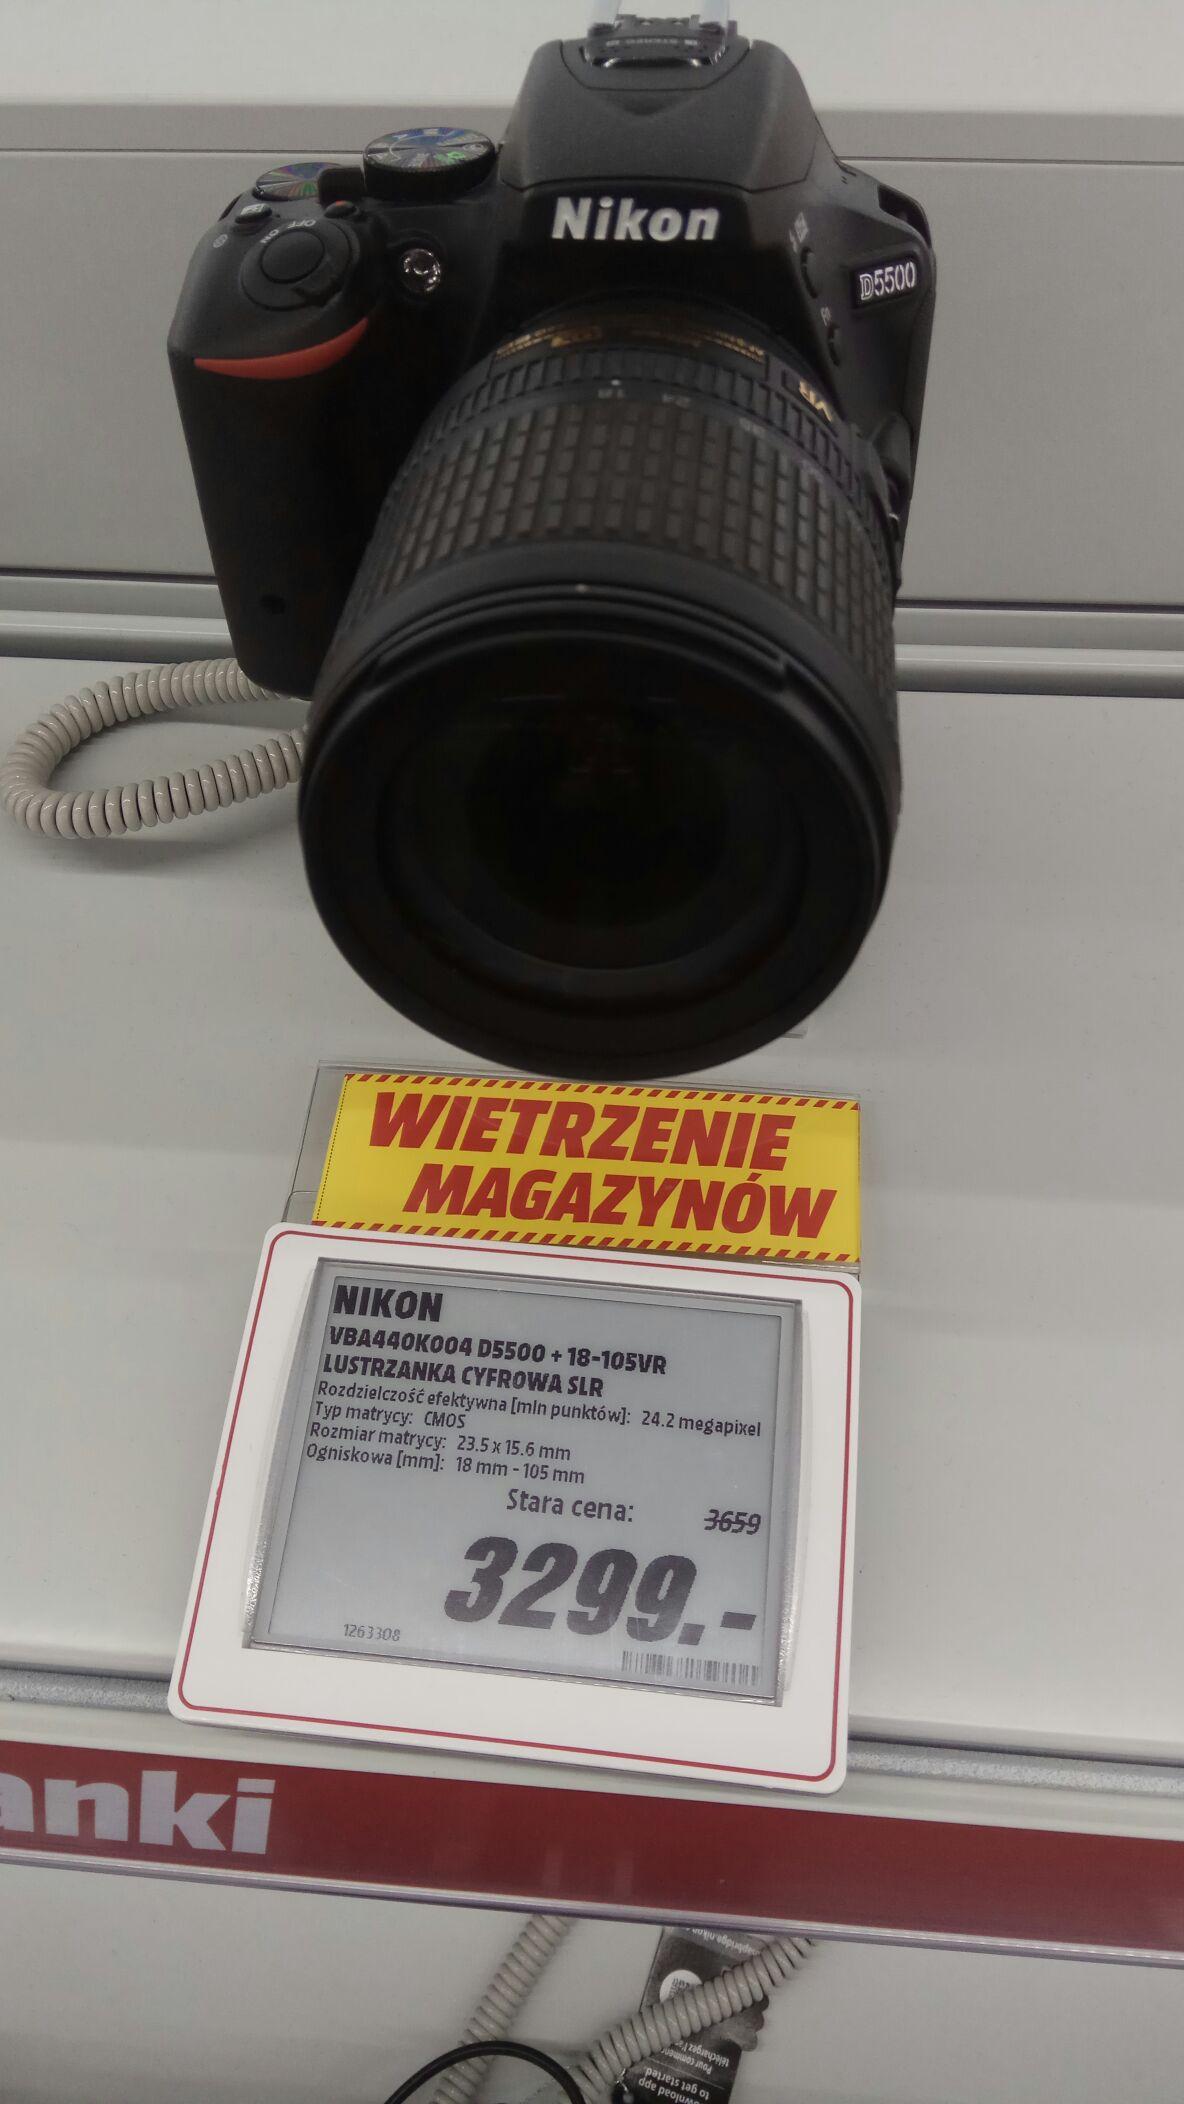 Nikon D5500 18-105mm